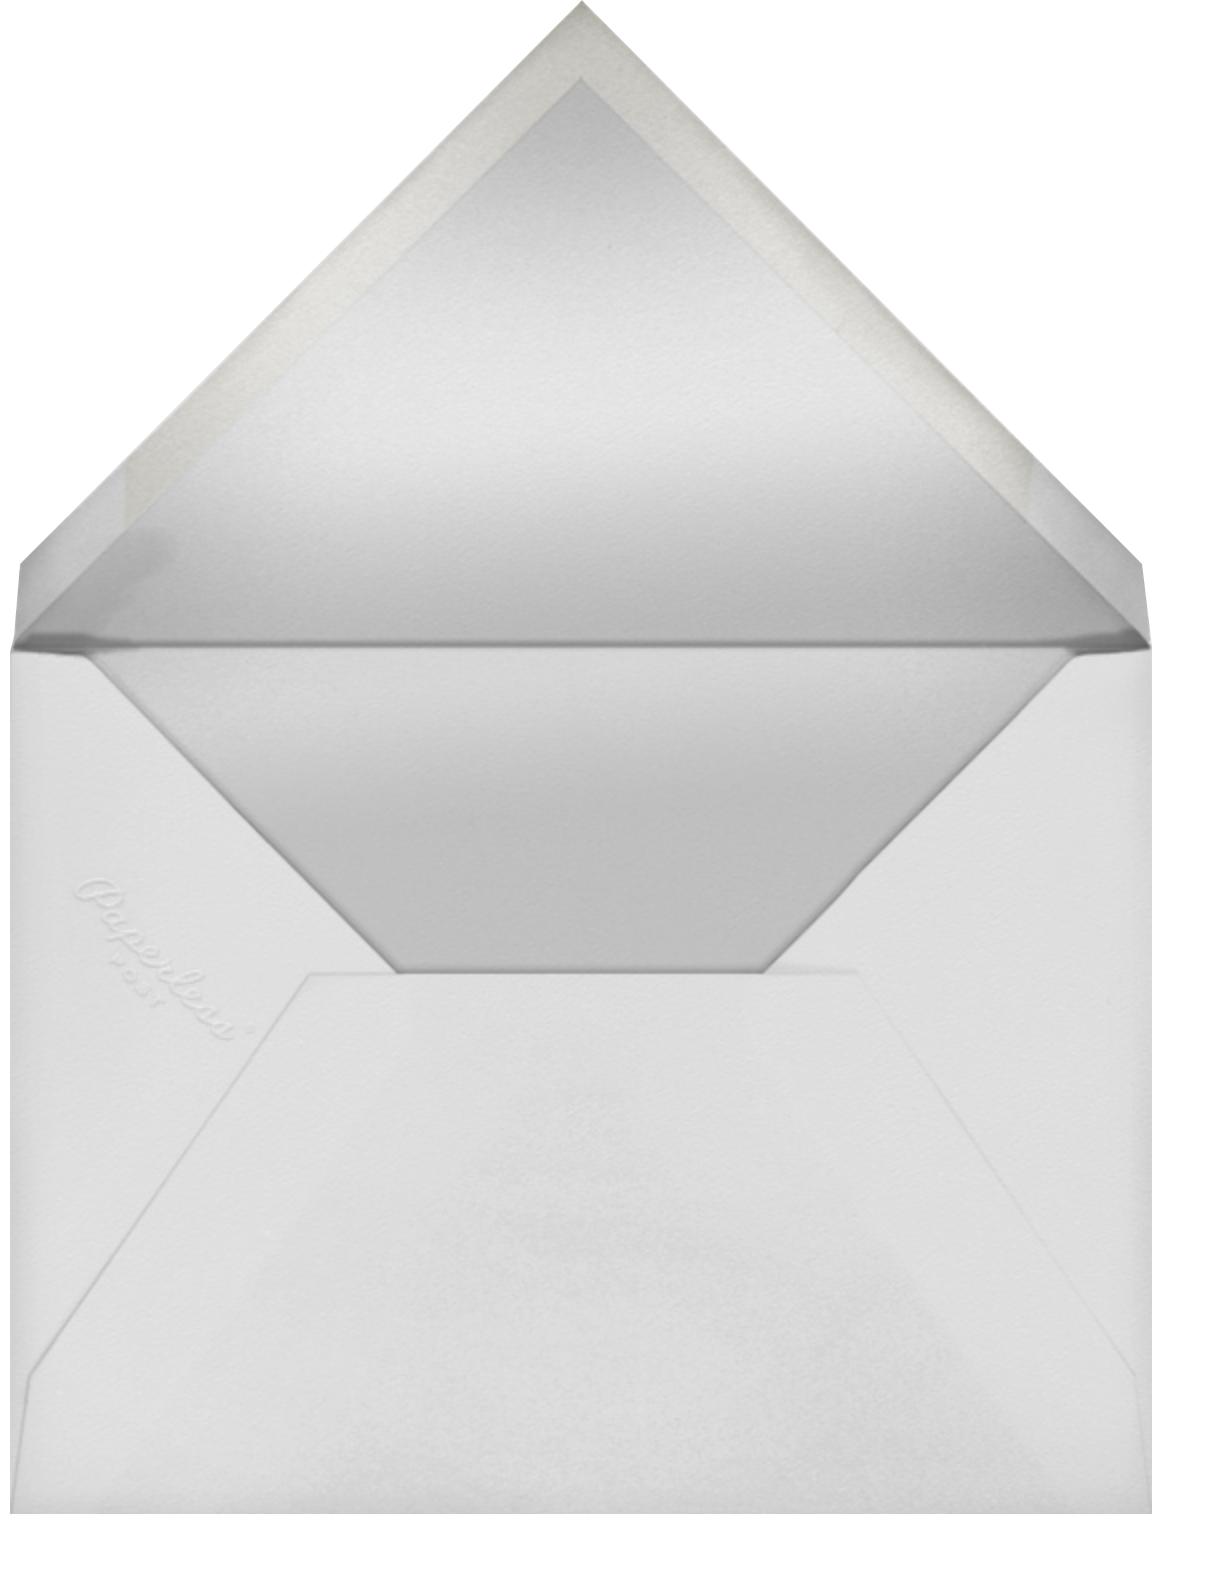 Full-Page Photo (Double-Sided) - Green Velvet - Paperless Post - Envelope